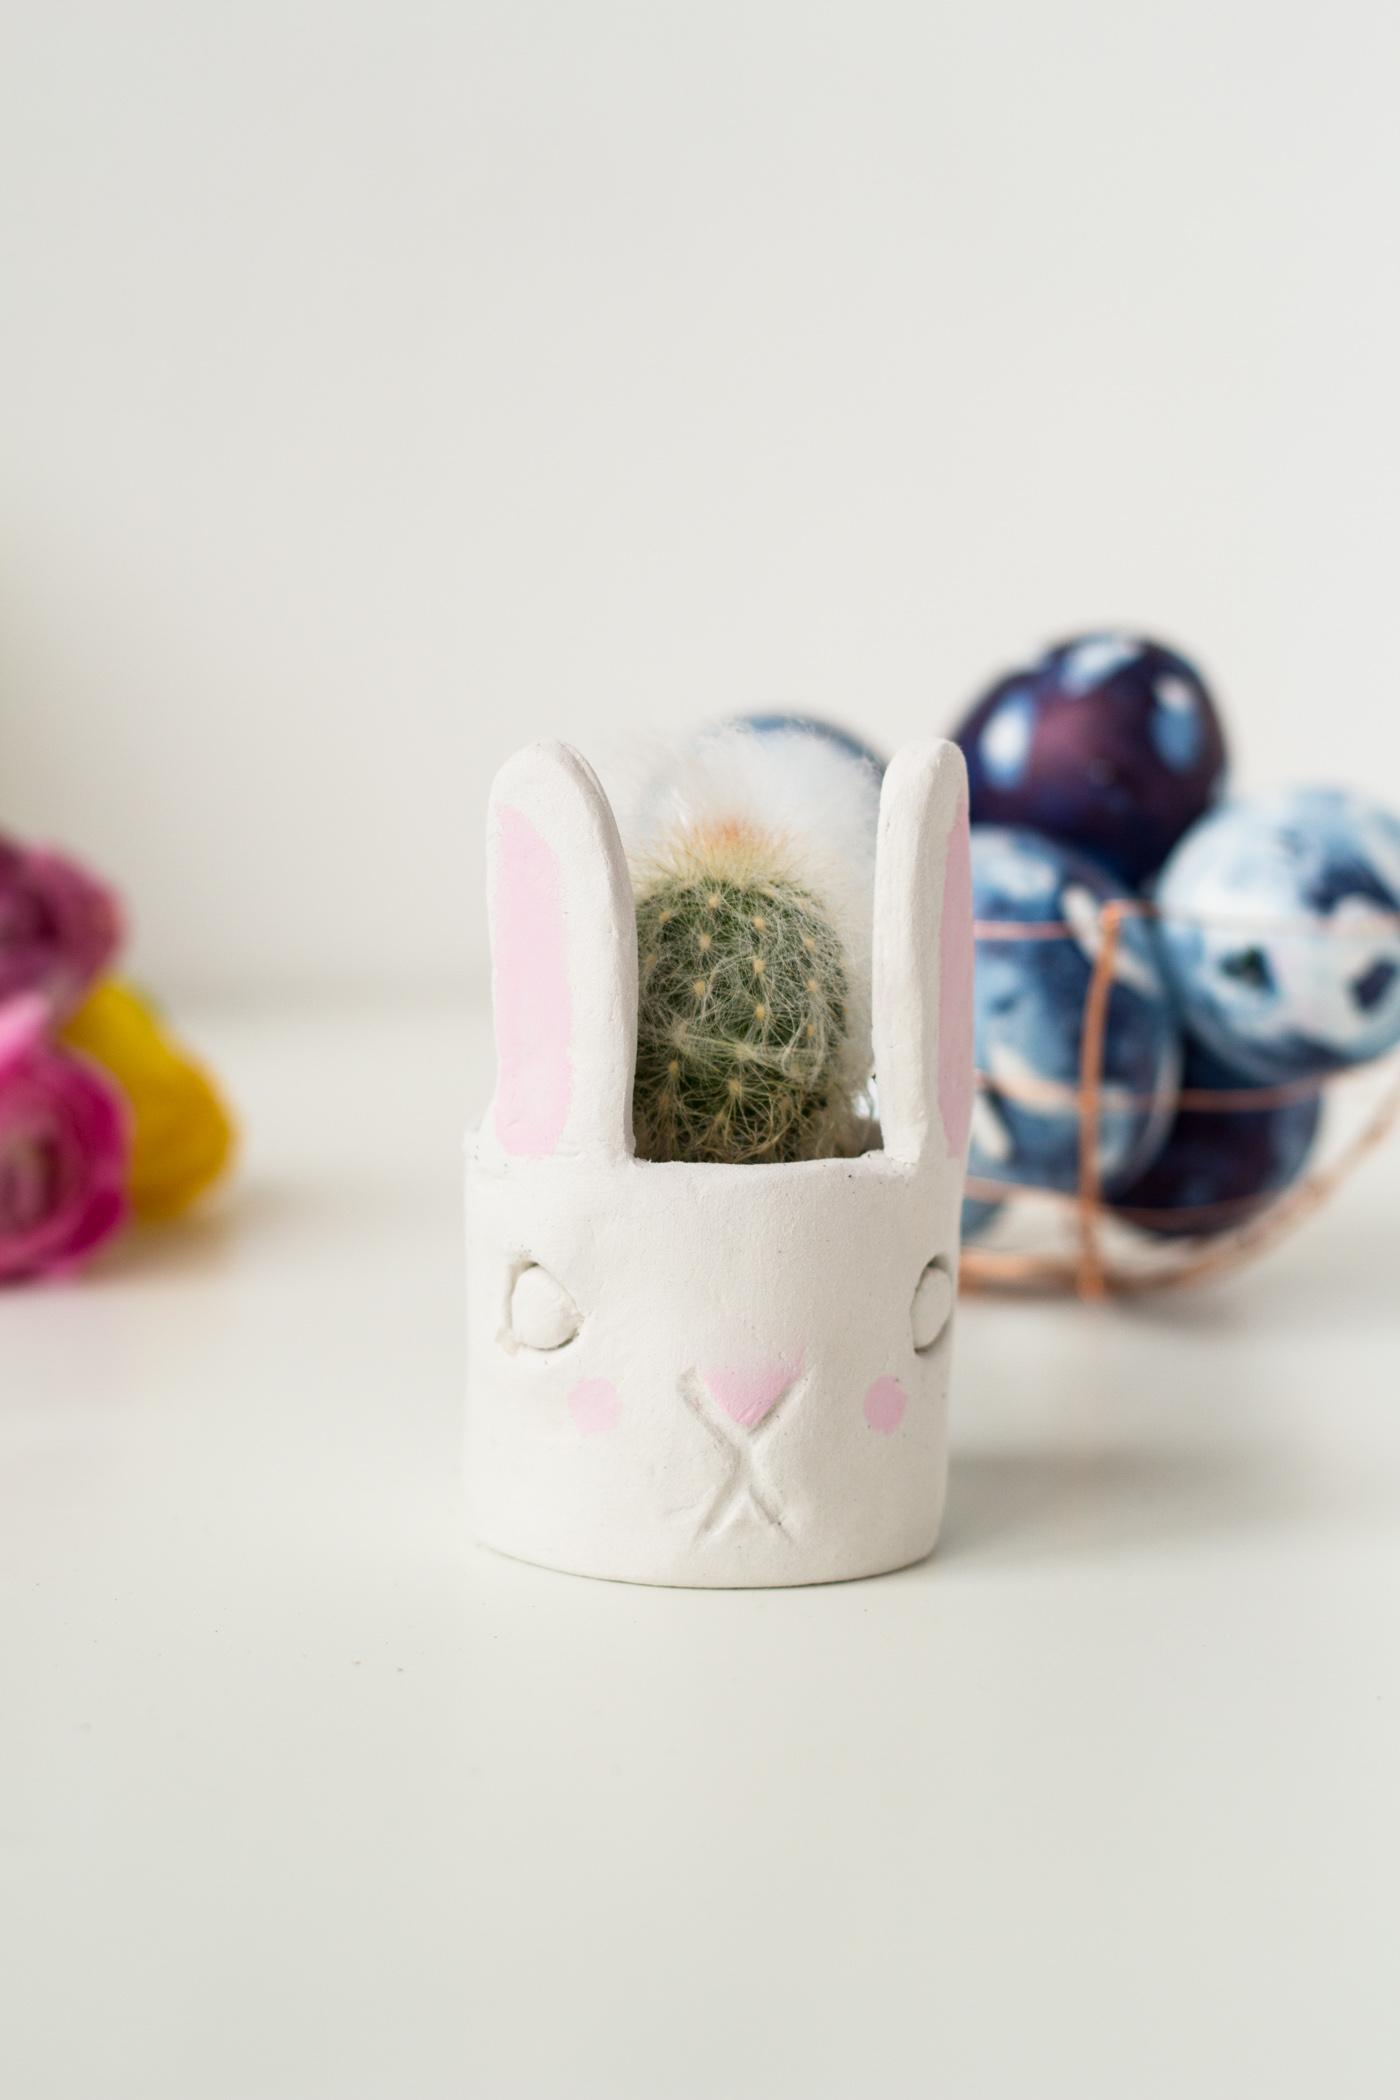 DIY Mini Cacti Bunny Planter | @fallfordiy